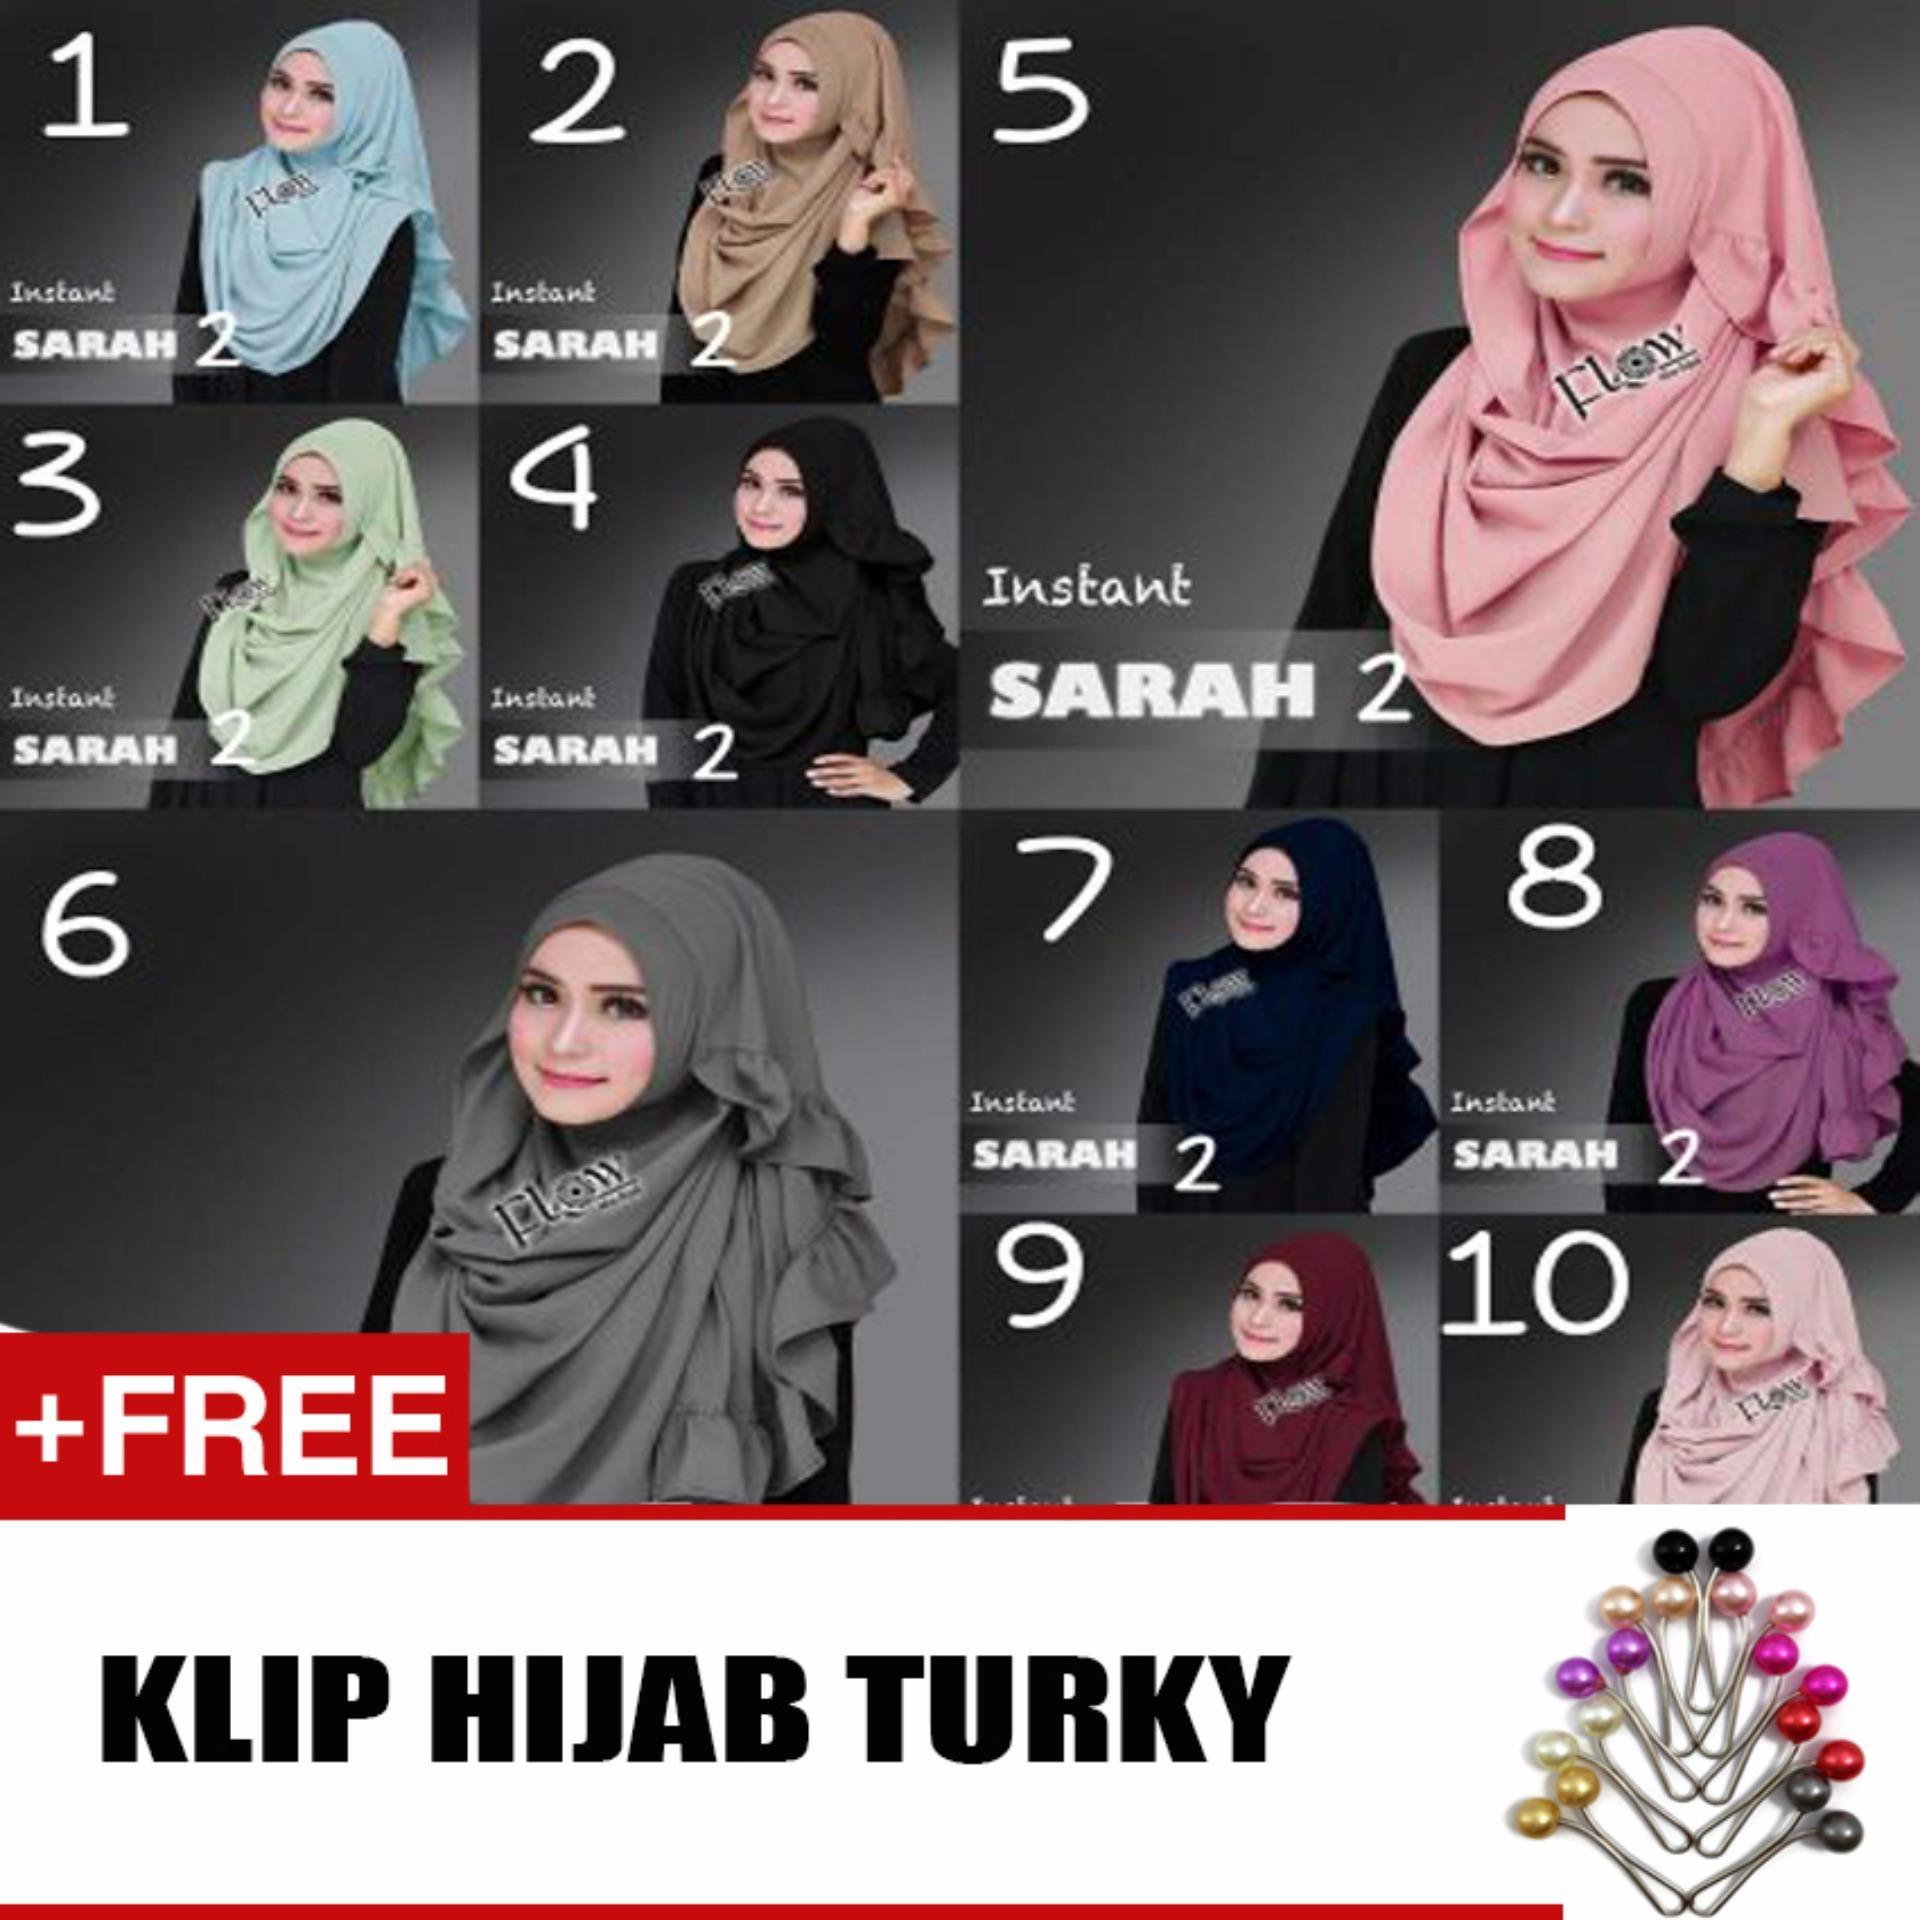 Hijab Jilbab Instant Lcb Maroon Free Klip Daftar Harga Terbaru Dan Khimar Maroko Withpet Sj0004 Sarah